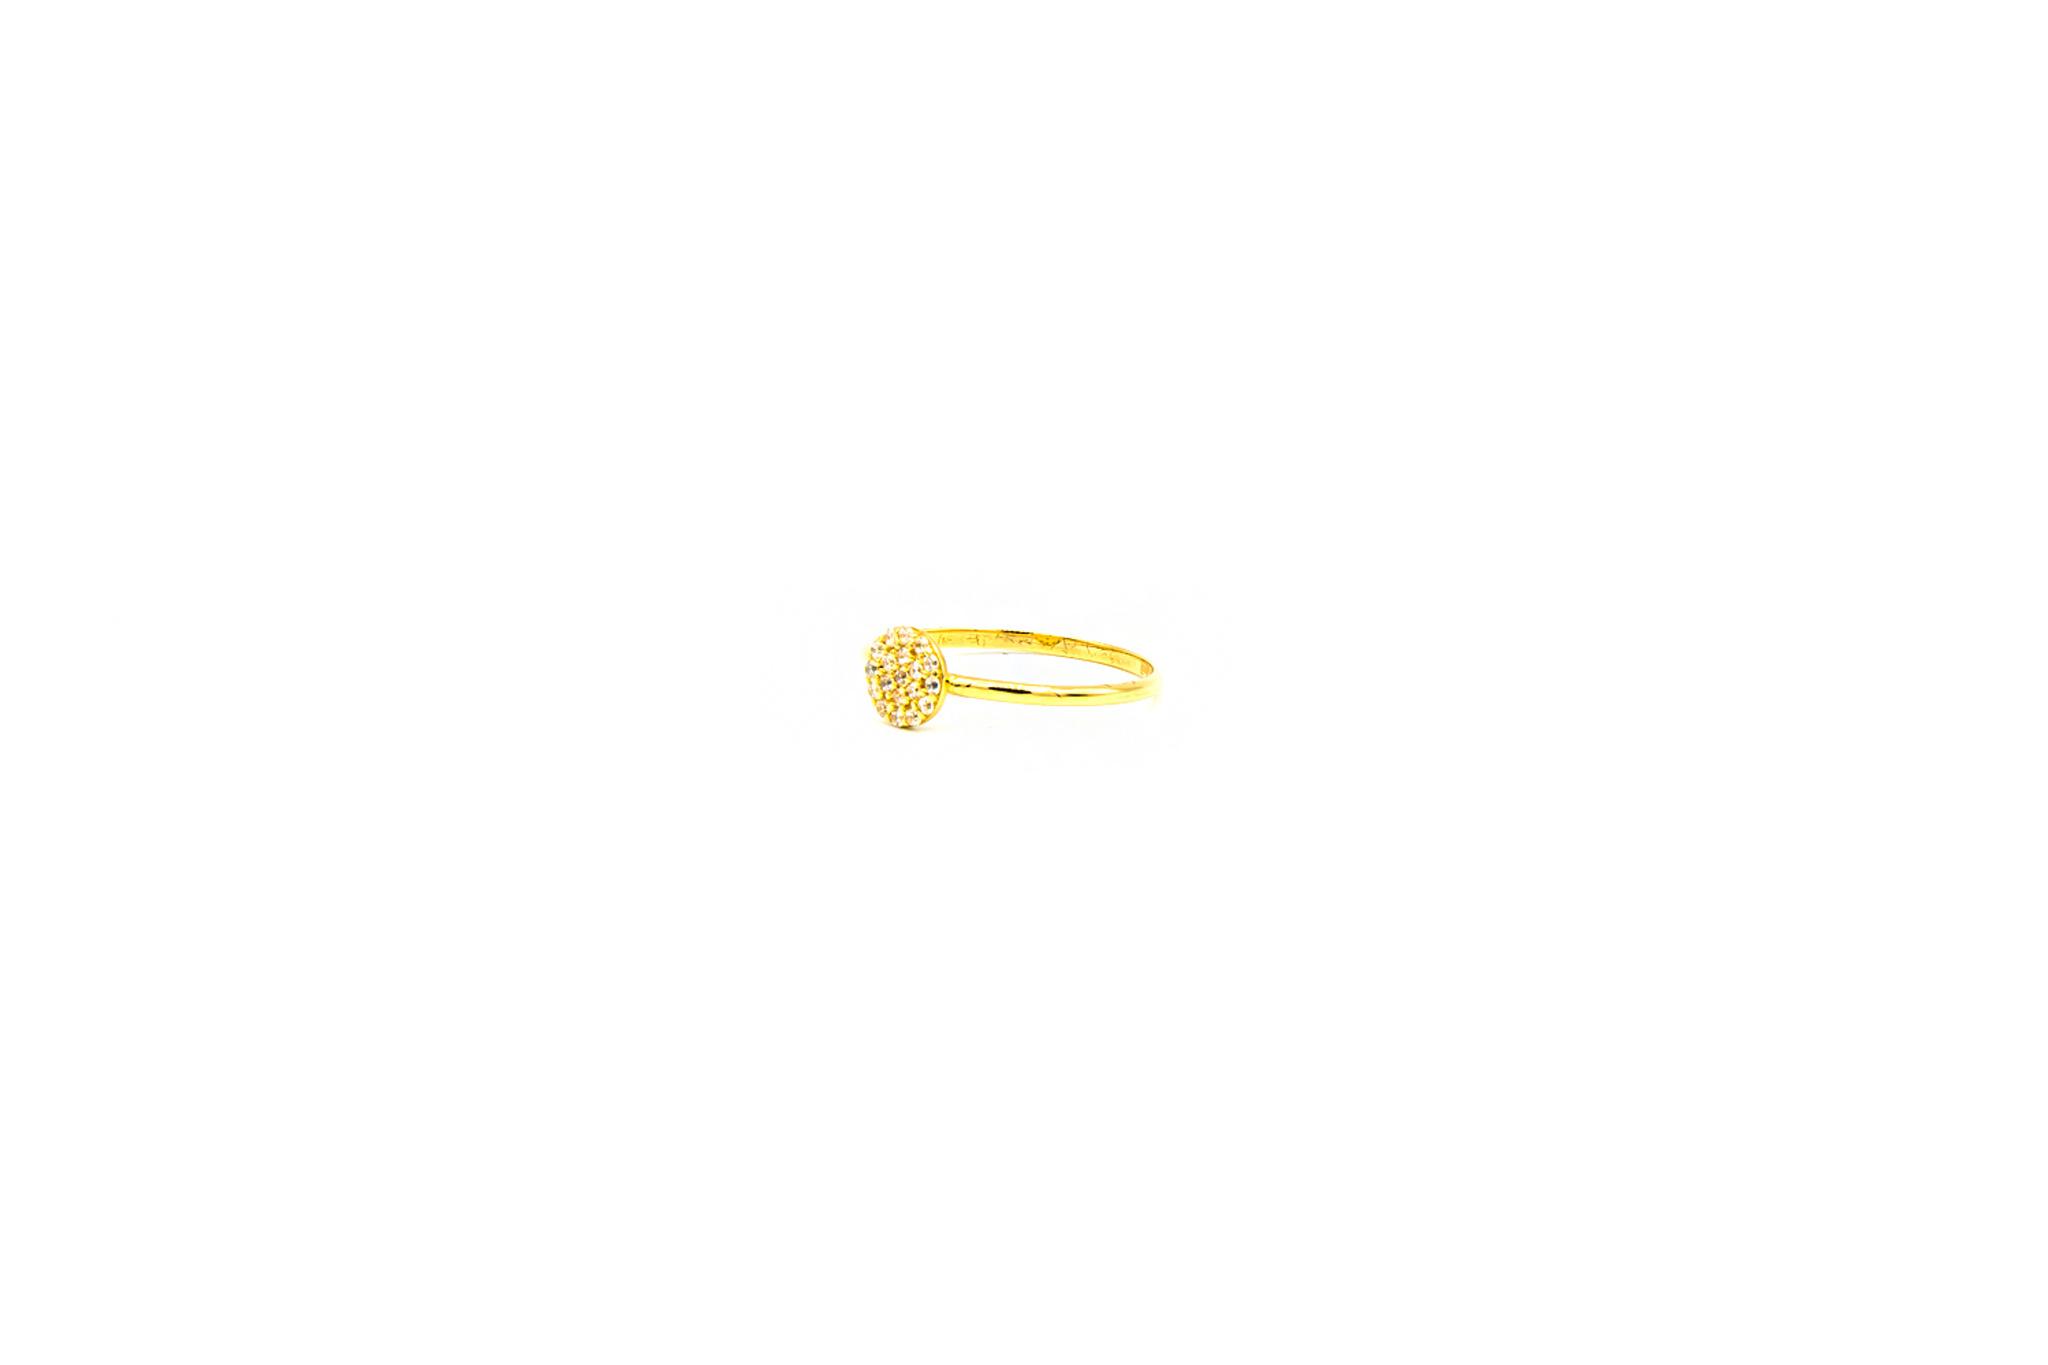 Ring ronde pavé bezet met zirkonia's small-2